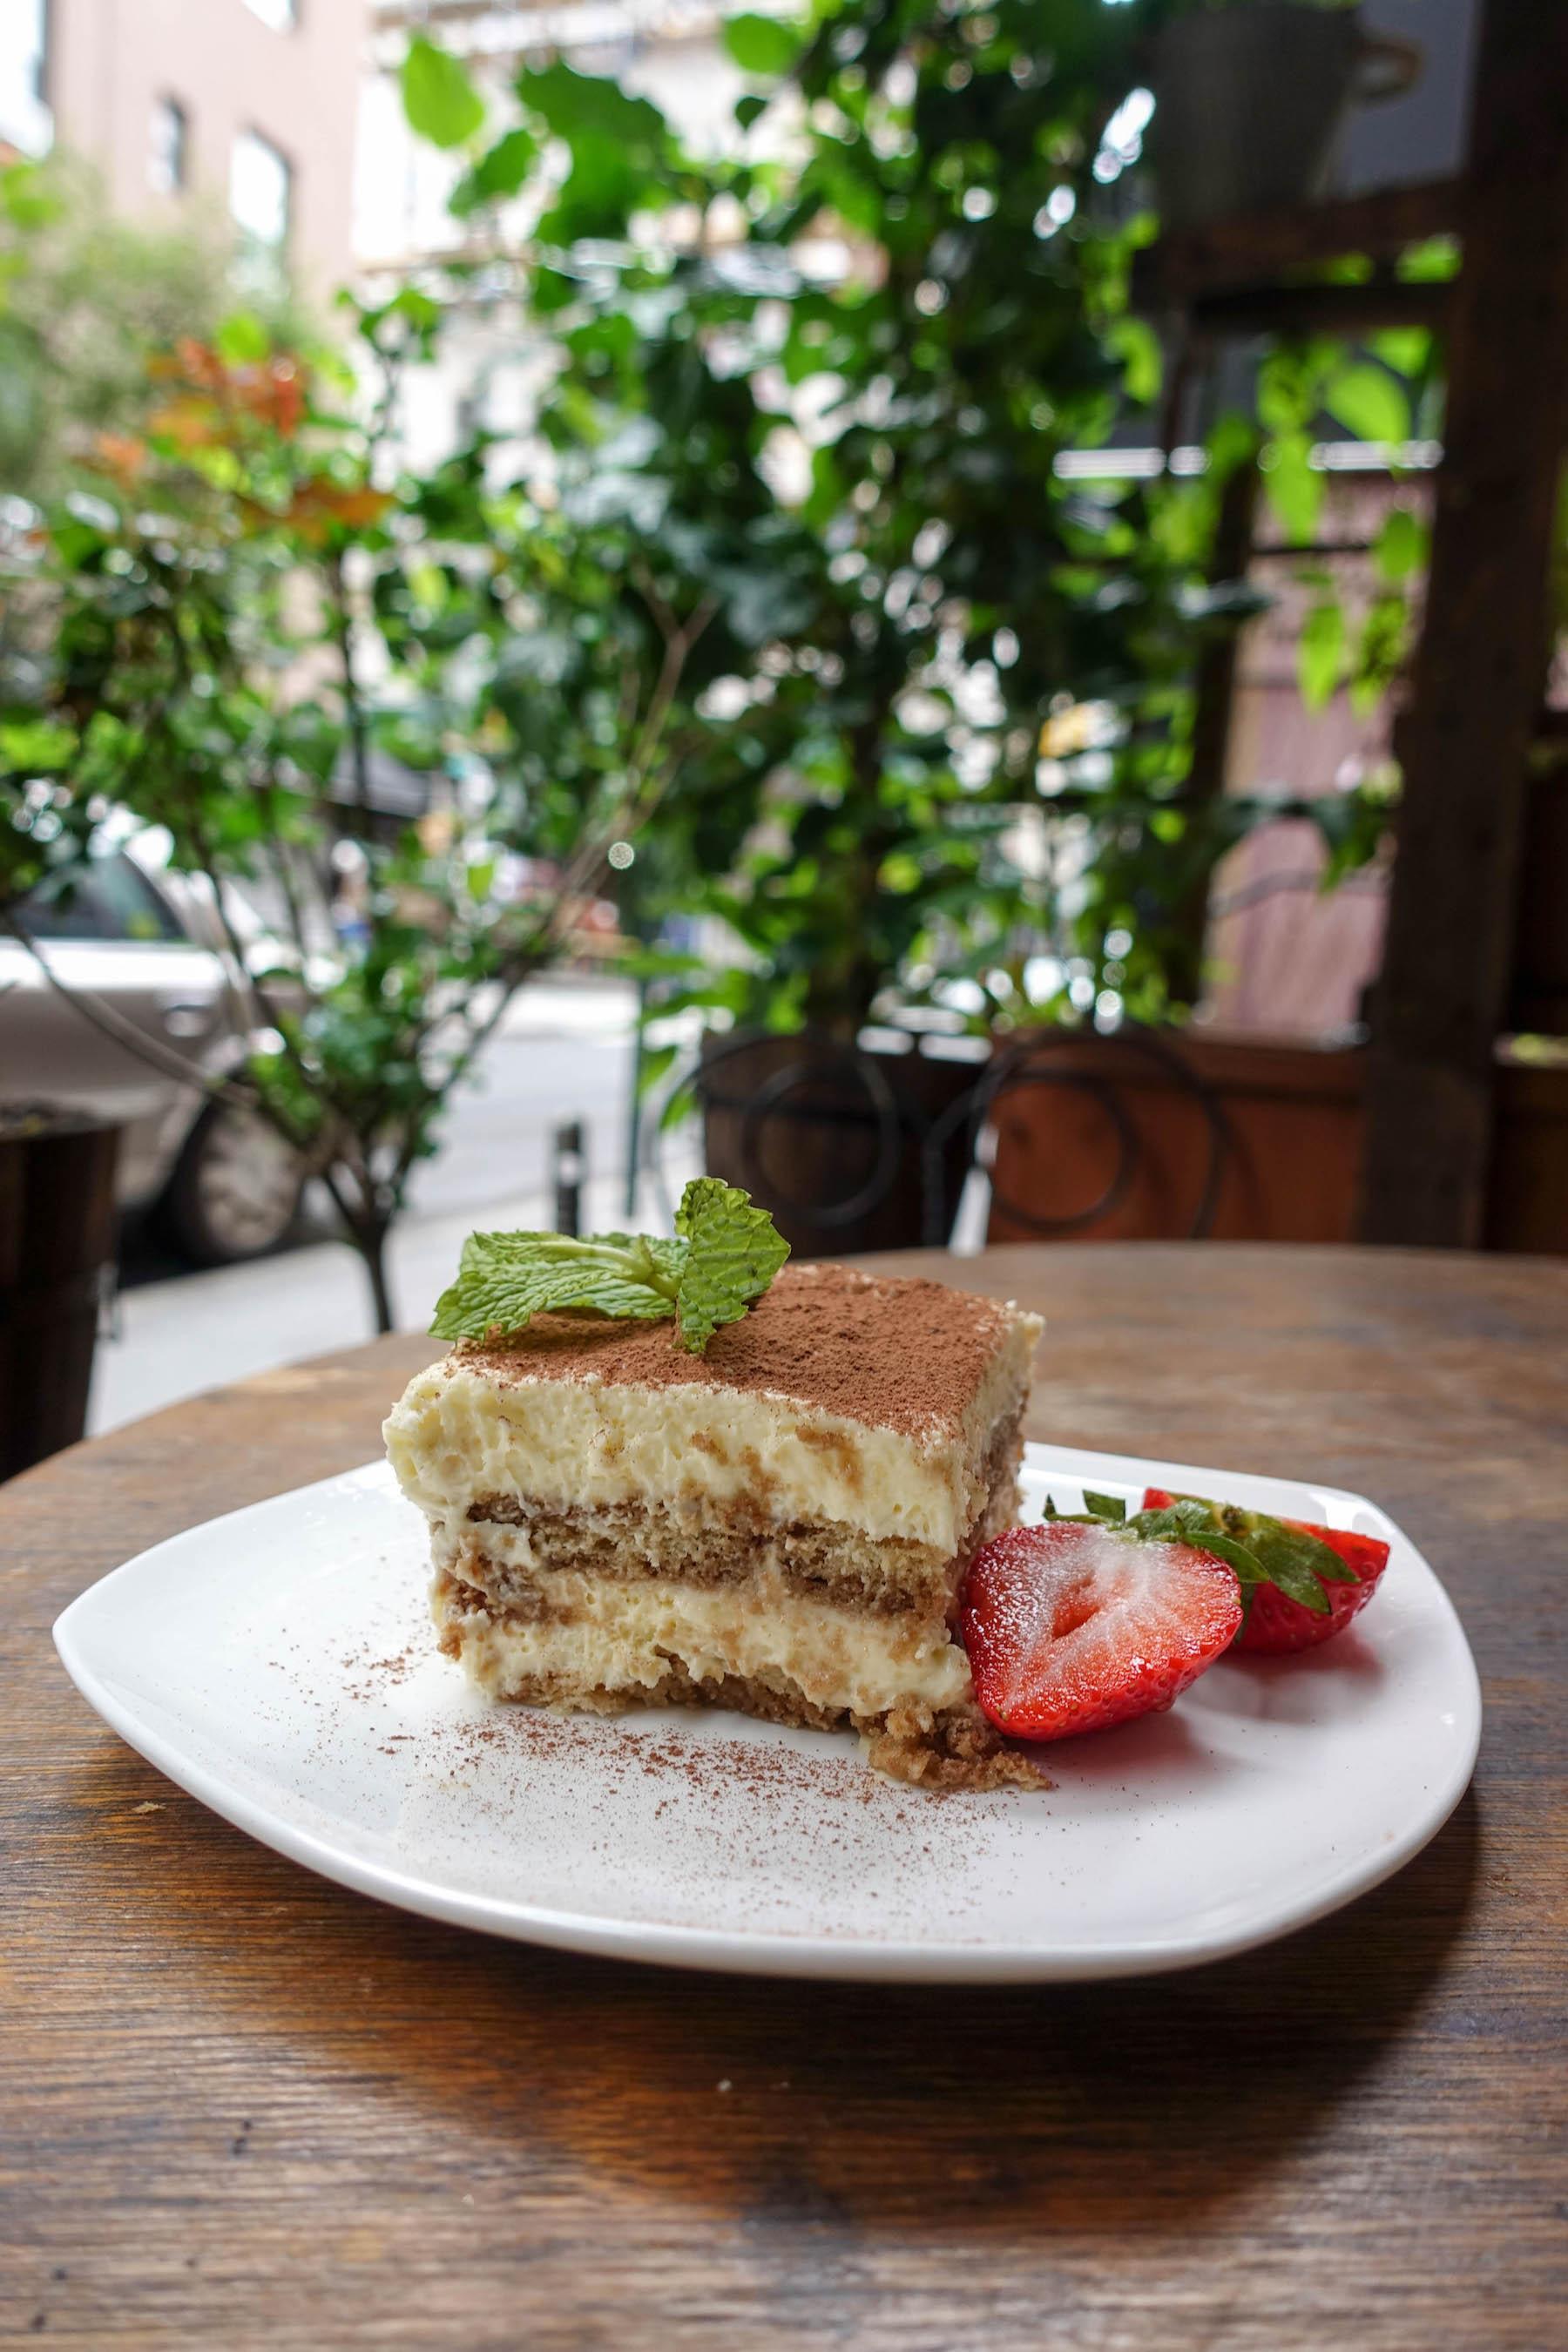 suelovesnyc_glutenfrei_italienisch_essen_in_new_York_senza_gluten_glutenfreies_tiramisu